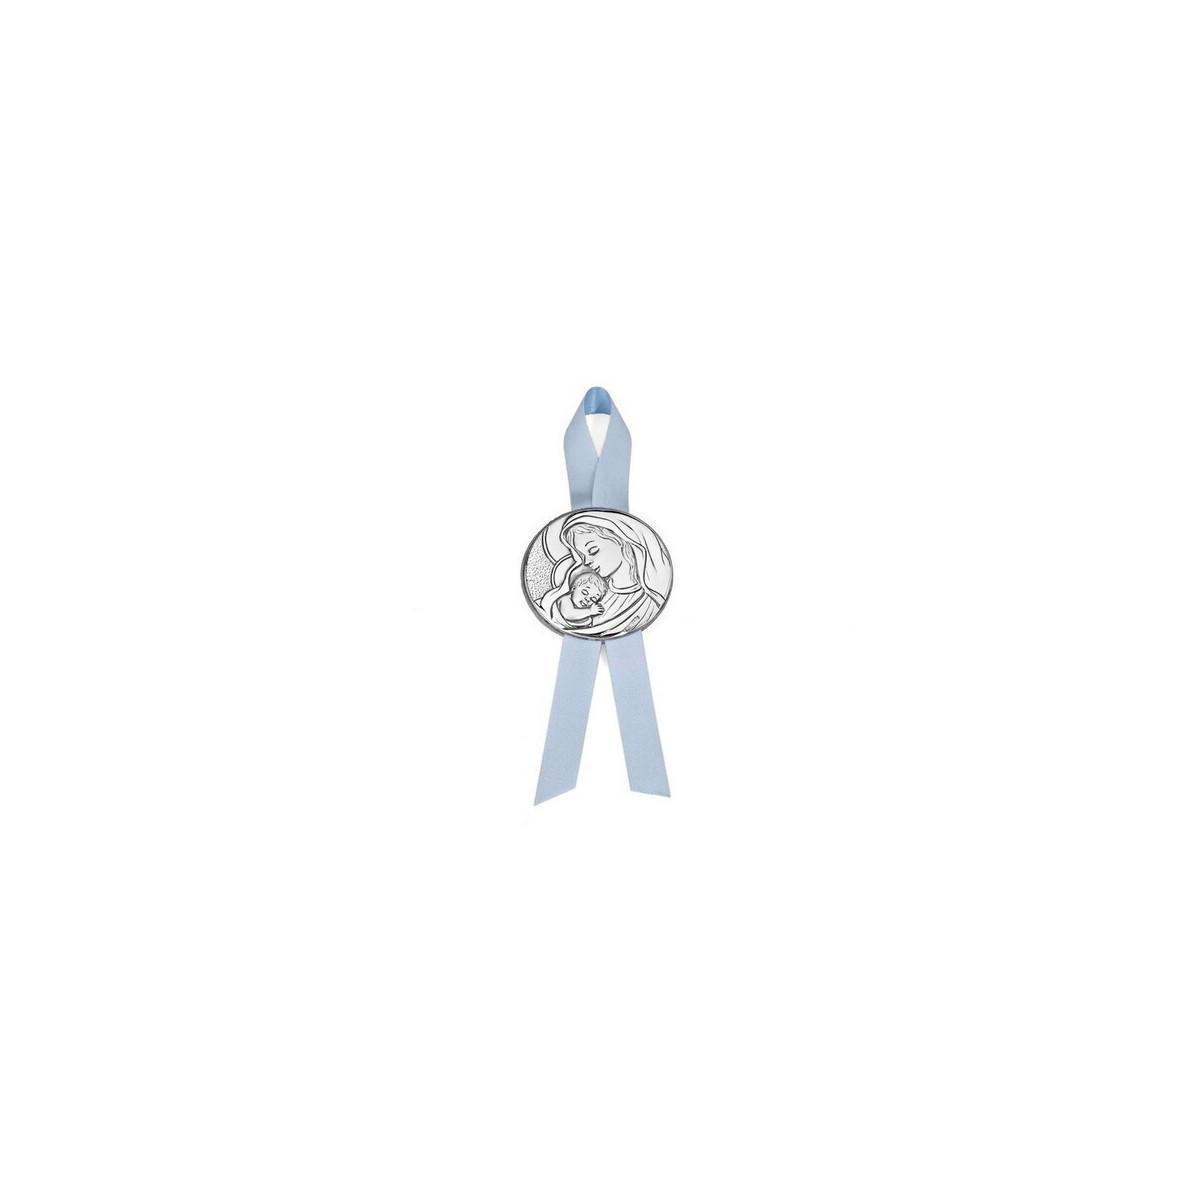 Medalla Cuna Virgen Niño Pedro Durán 07500278